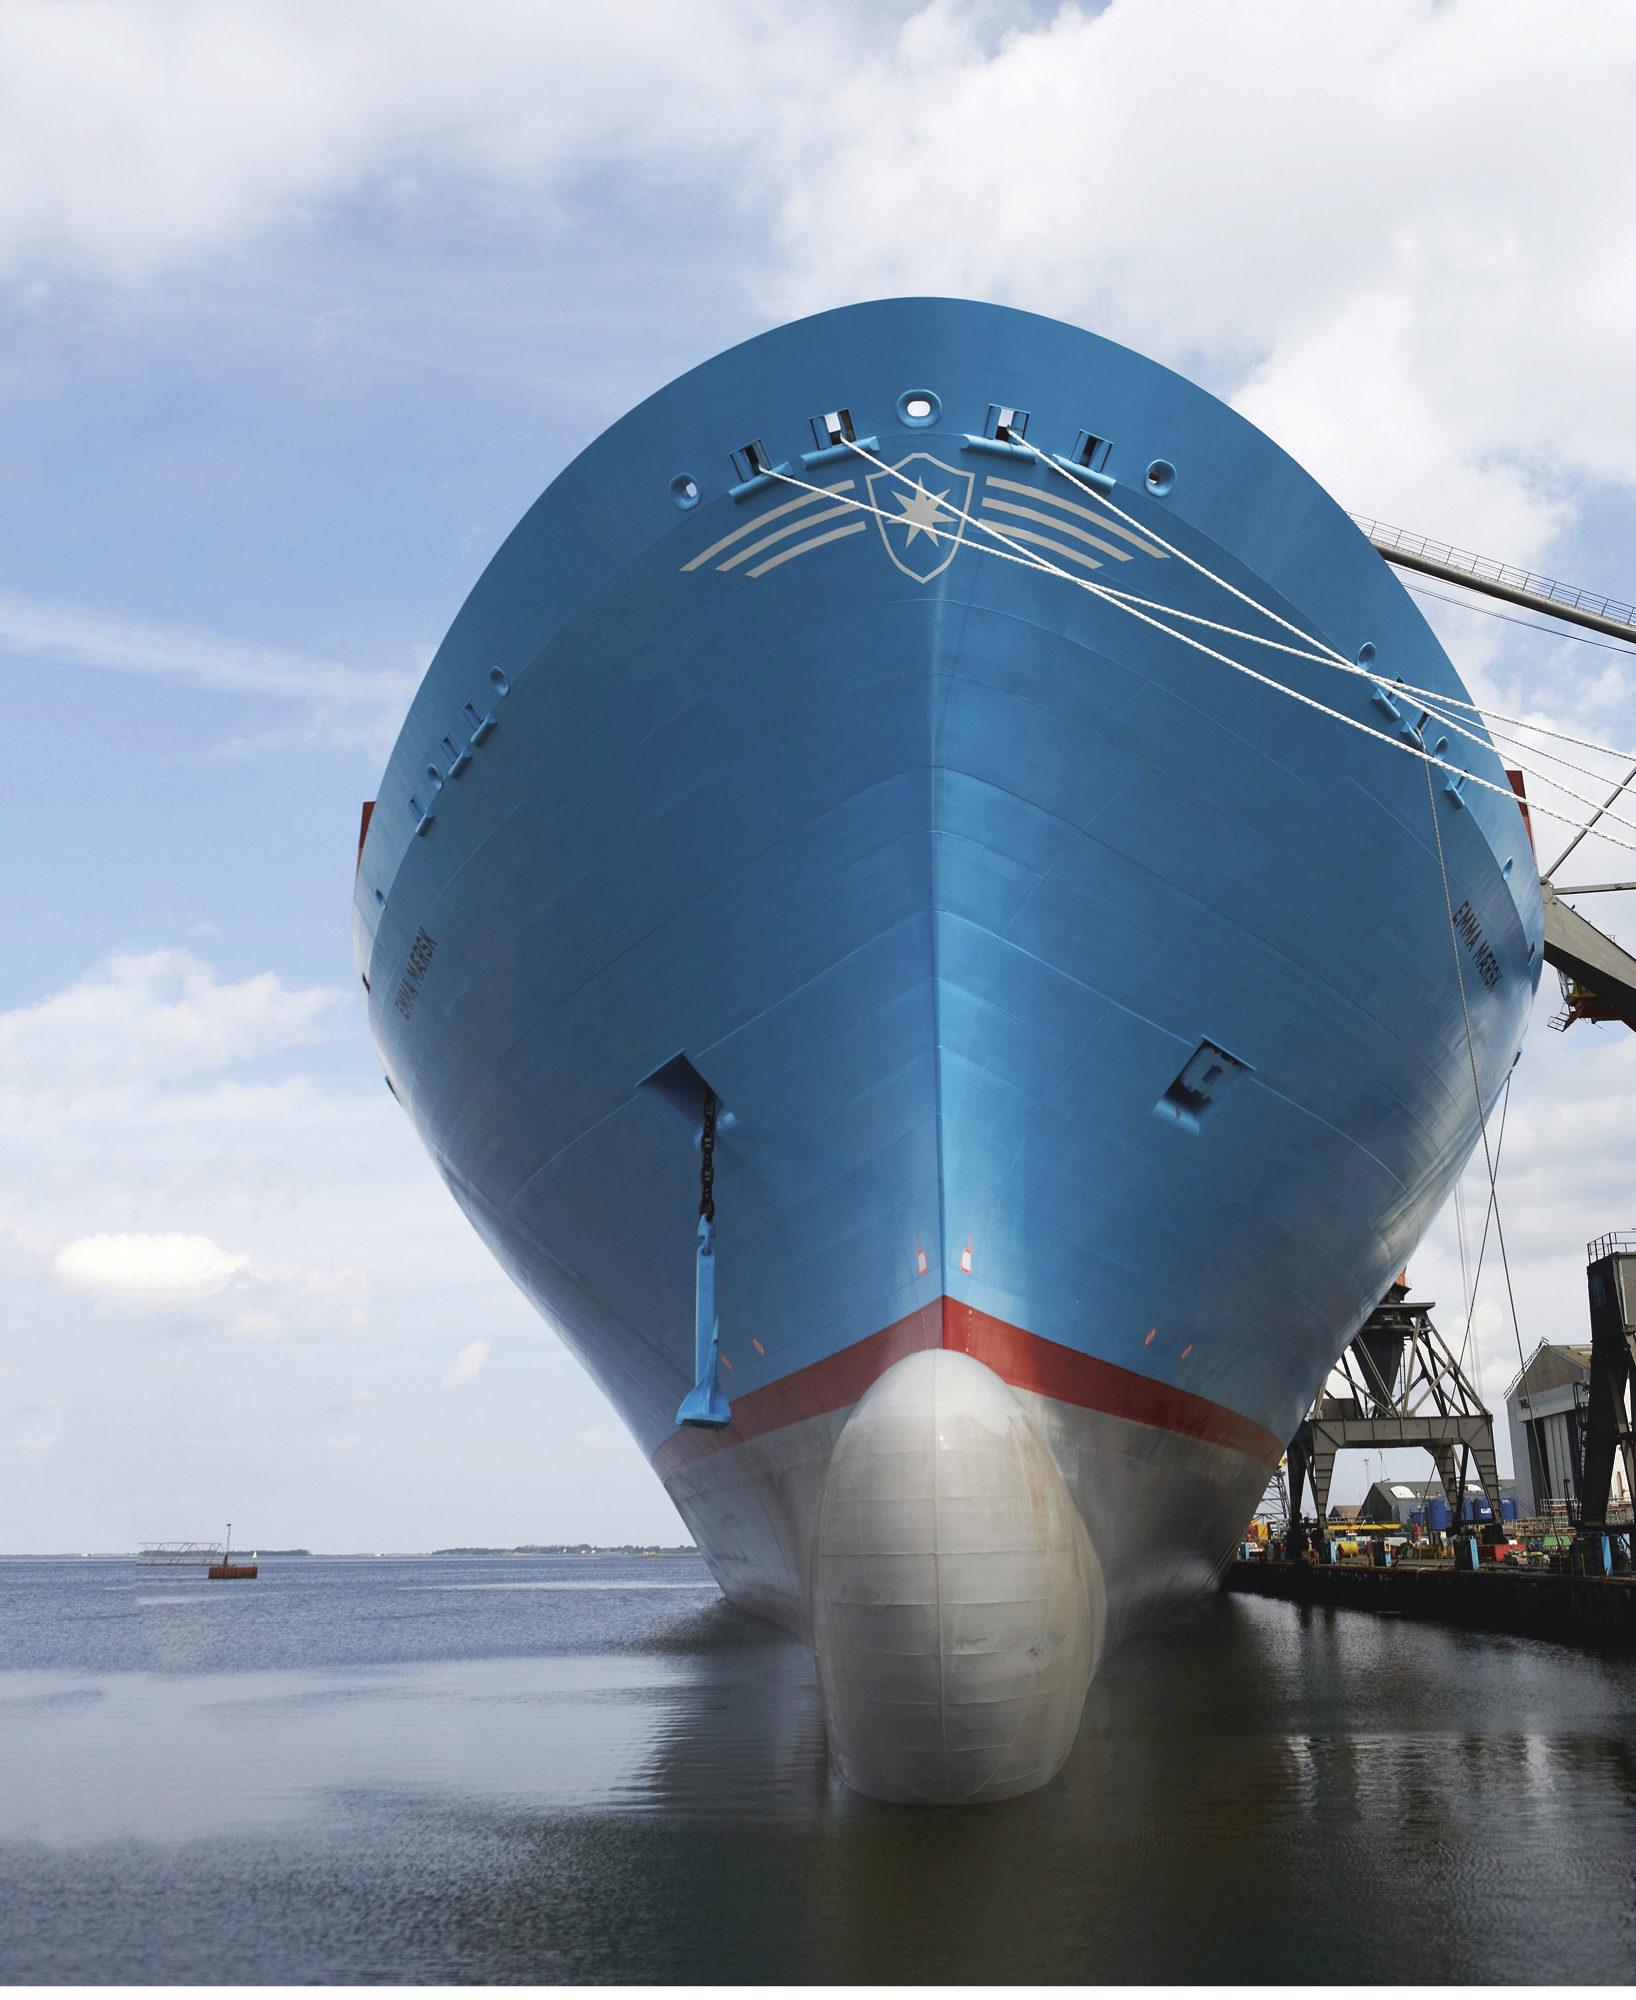 Vuonna 2006 vesille laskettu 398 metrin mittainen Emma Maersk -konttialus oli ensimmäinen suurimman 14-sylinterisen Wärtsilä RT-flex96C -moottorin voimanlähteekseen saanut laiva.